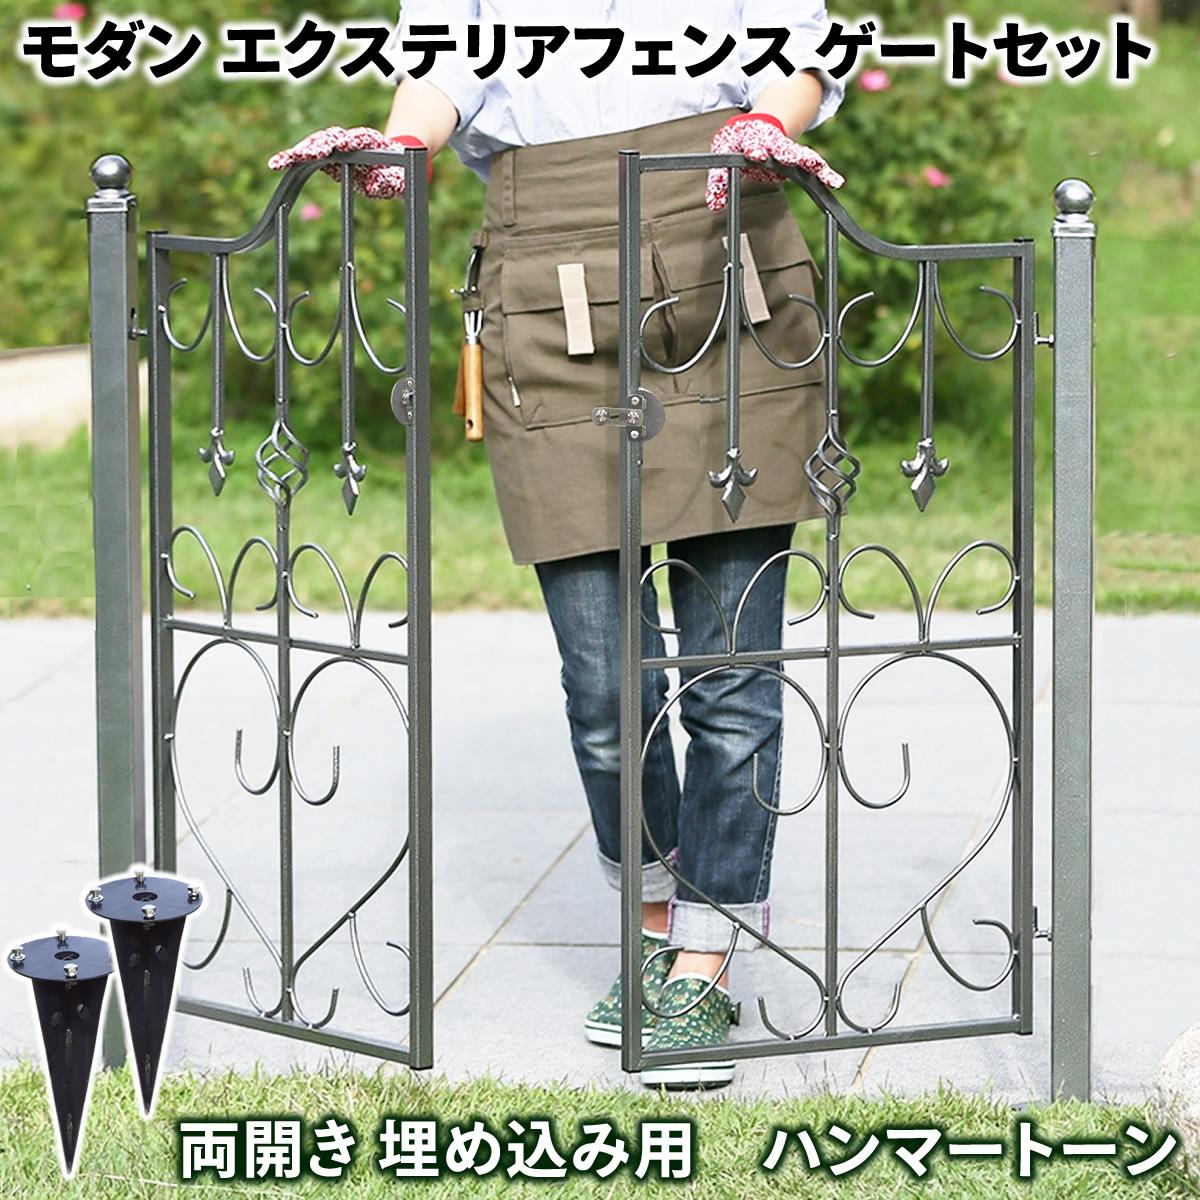 モダンエクステリアフェンス ゲートセット(両開き・埋め込み用・ハンマートーン)